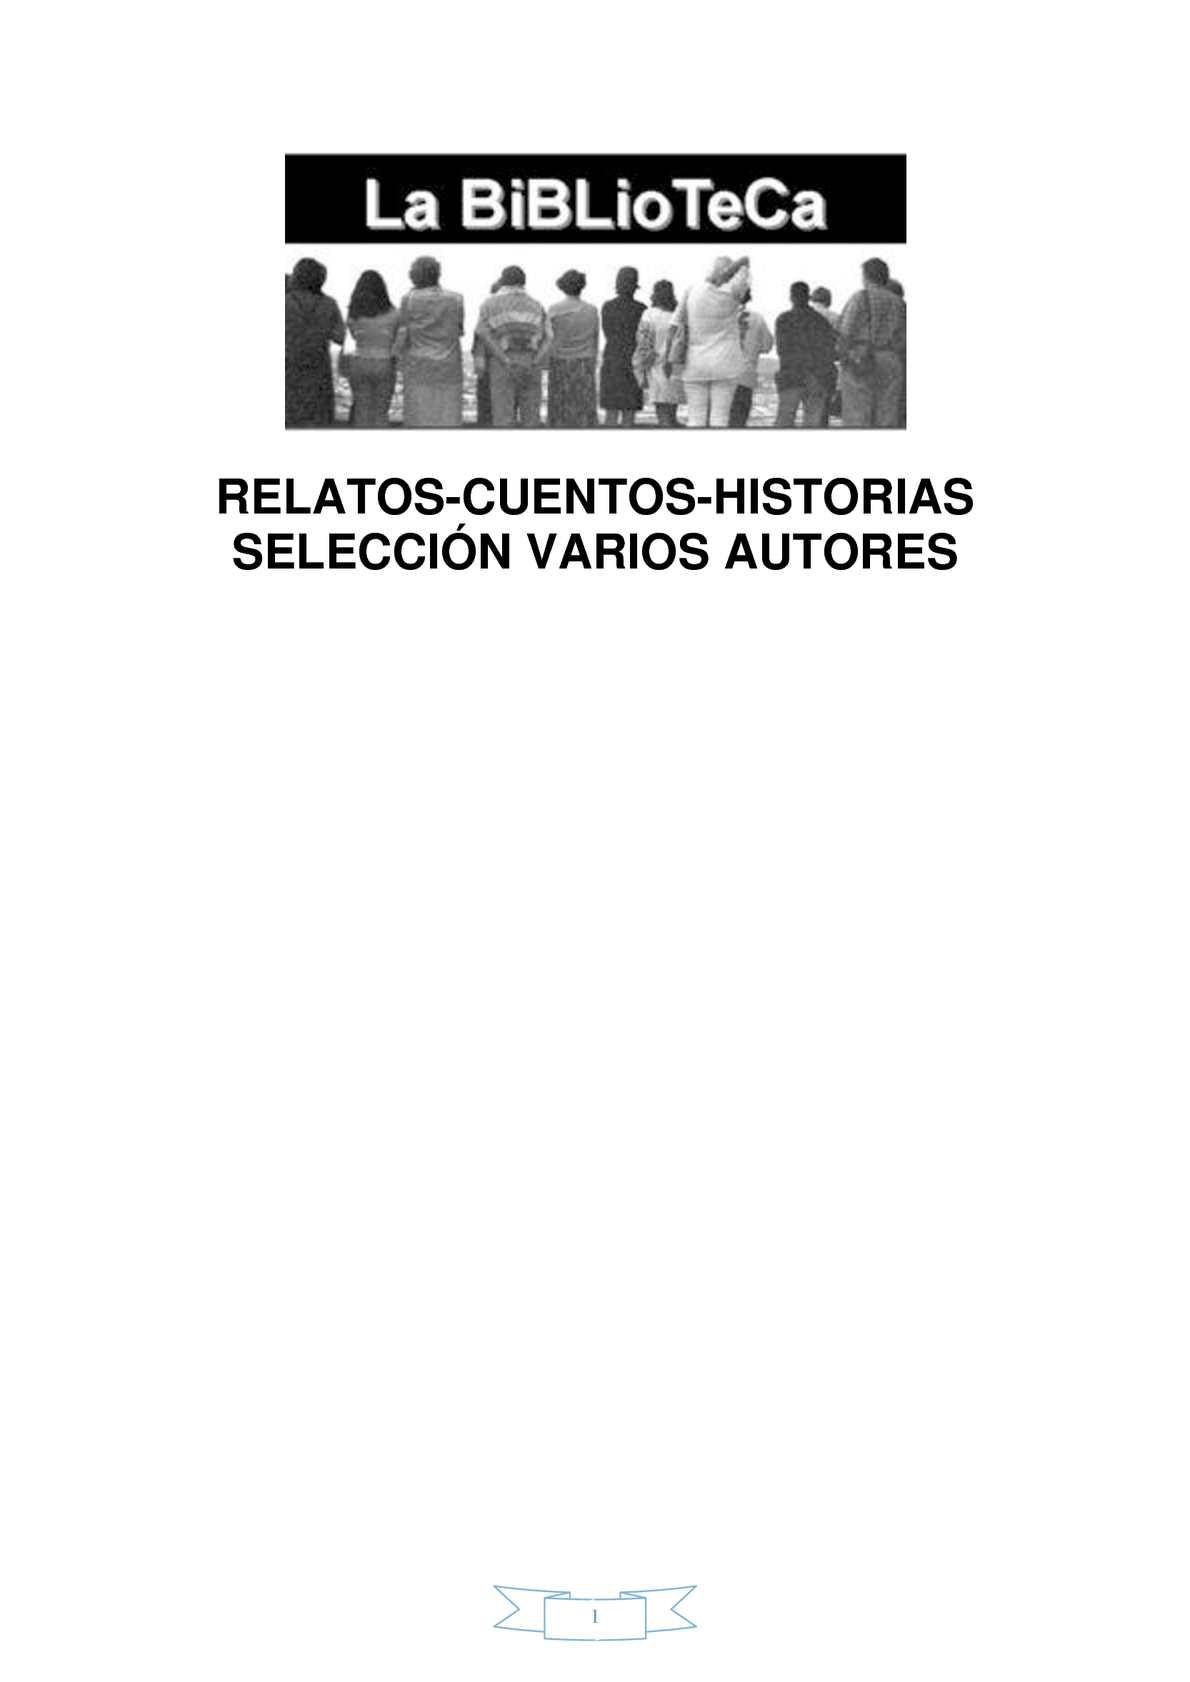 Calaméo - VARIOS AUTORES RELATOS CUENTOS HISTORIAS